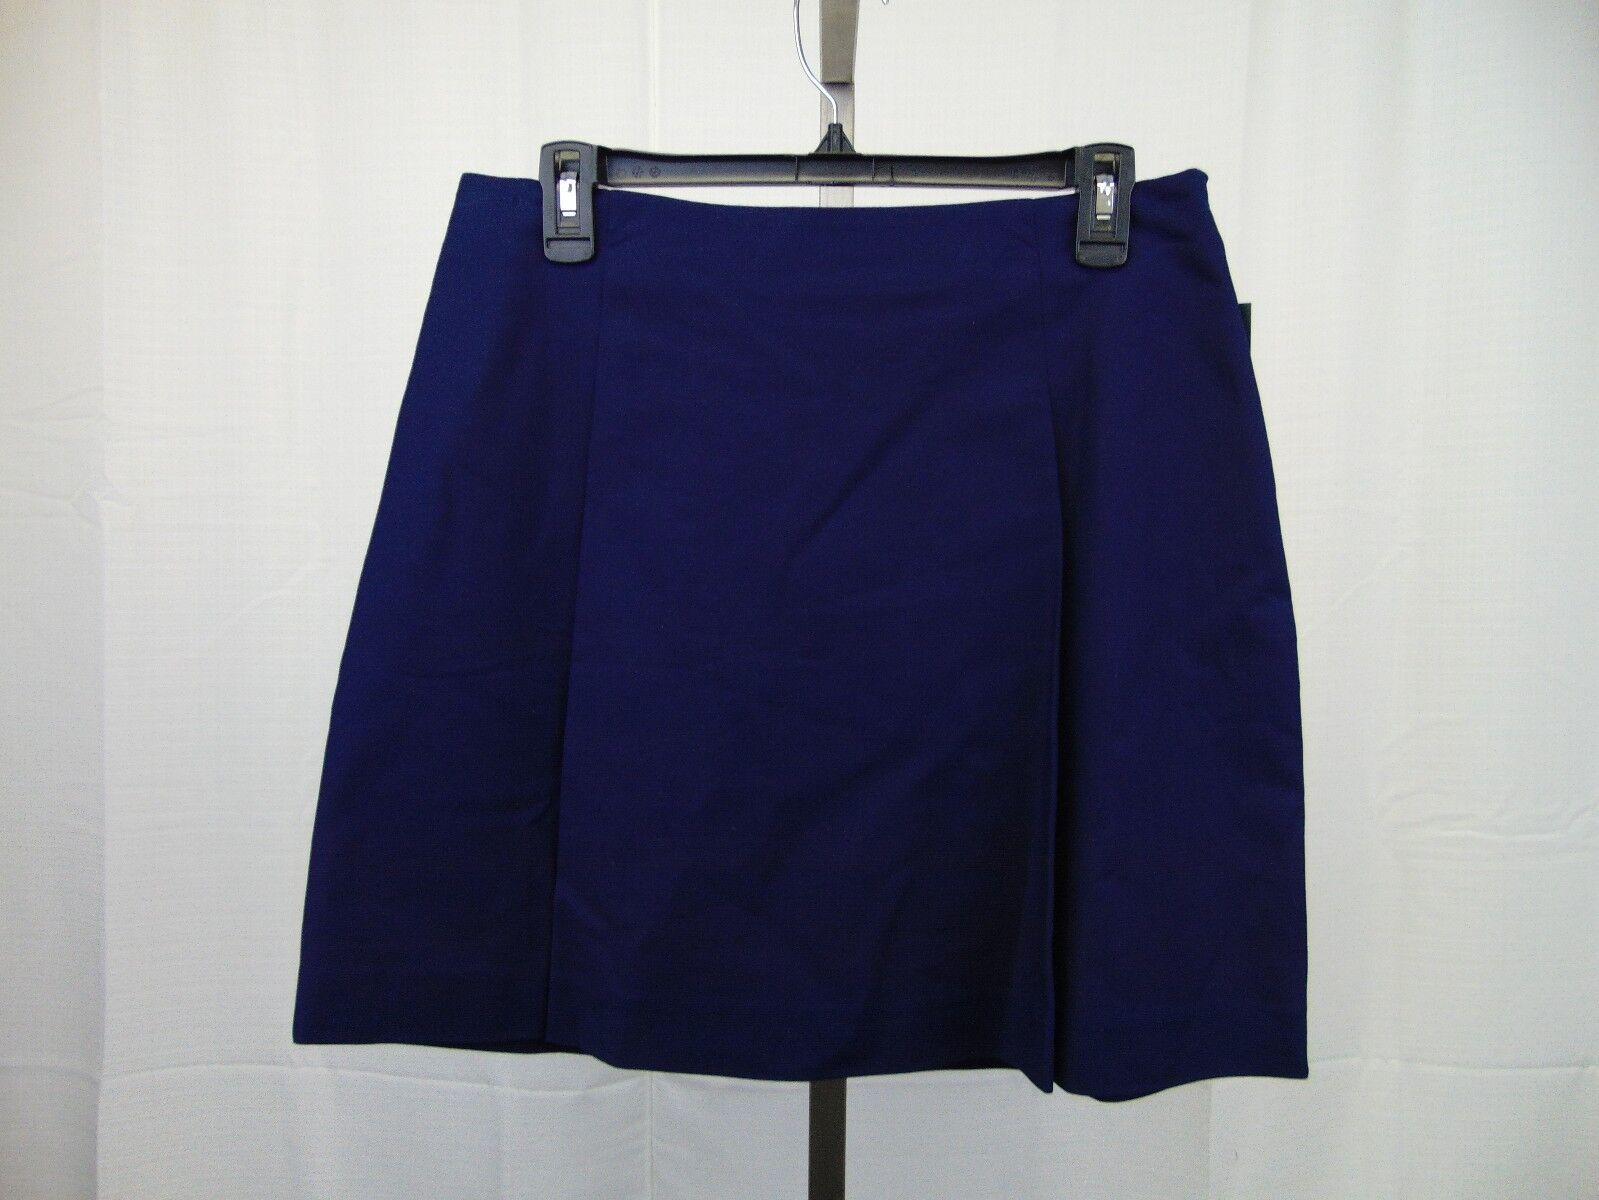 LAUREN Ralph Lauren Petite Pleated Side-Zip A-Line Skirt 10P Navy bluee